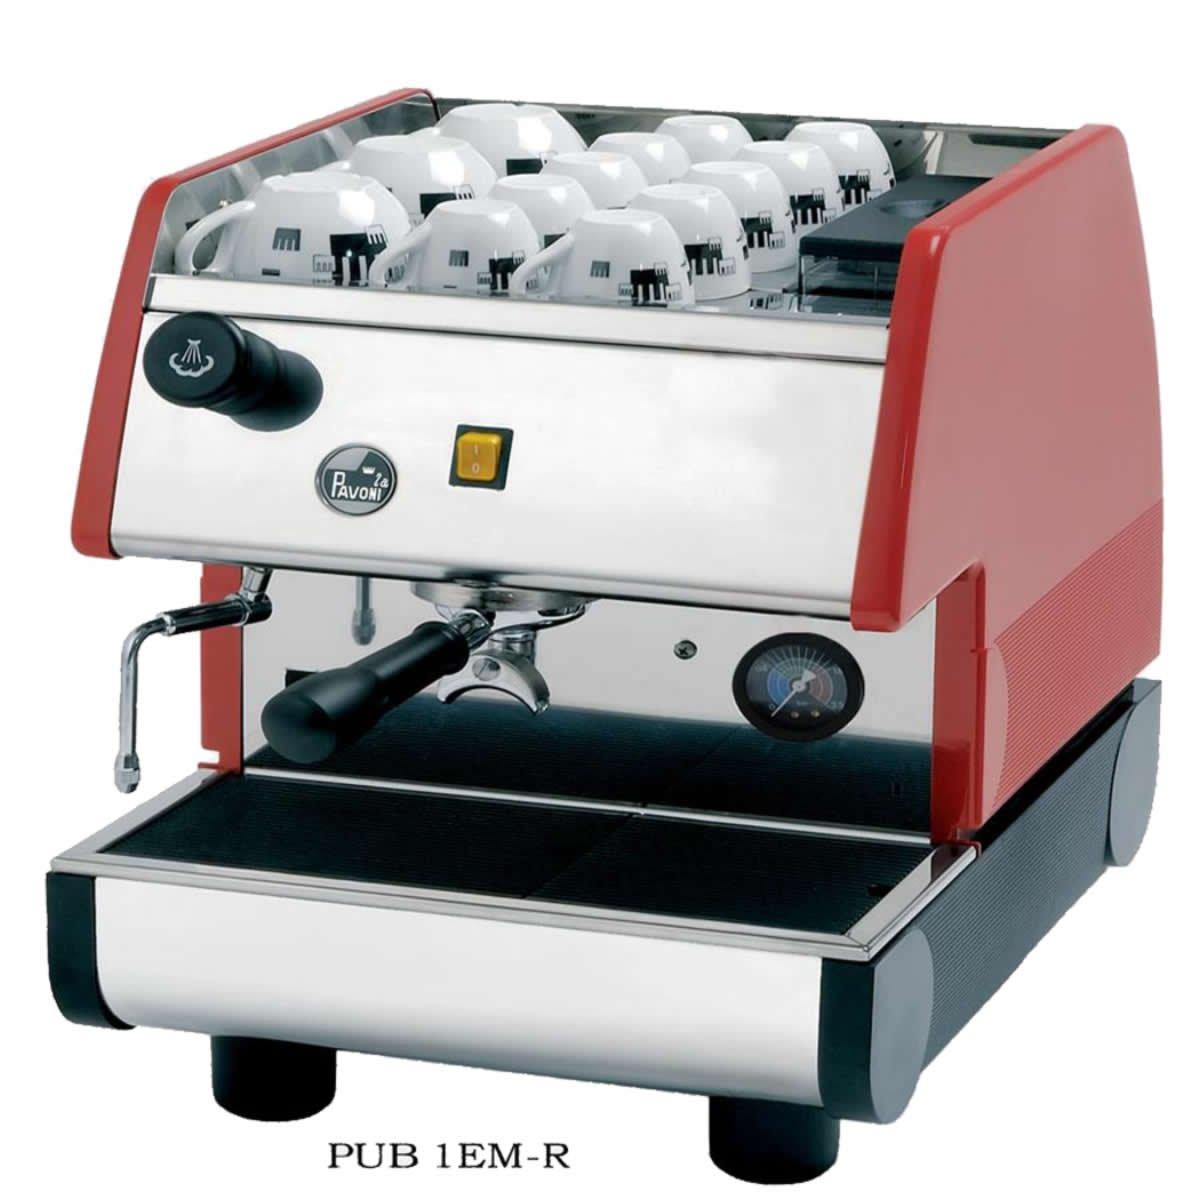 La Pavoni Pub 1em-r - 1 grupo comercial café capuchino máquina, pour-in. Rojo: Amazon.es: Hogar